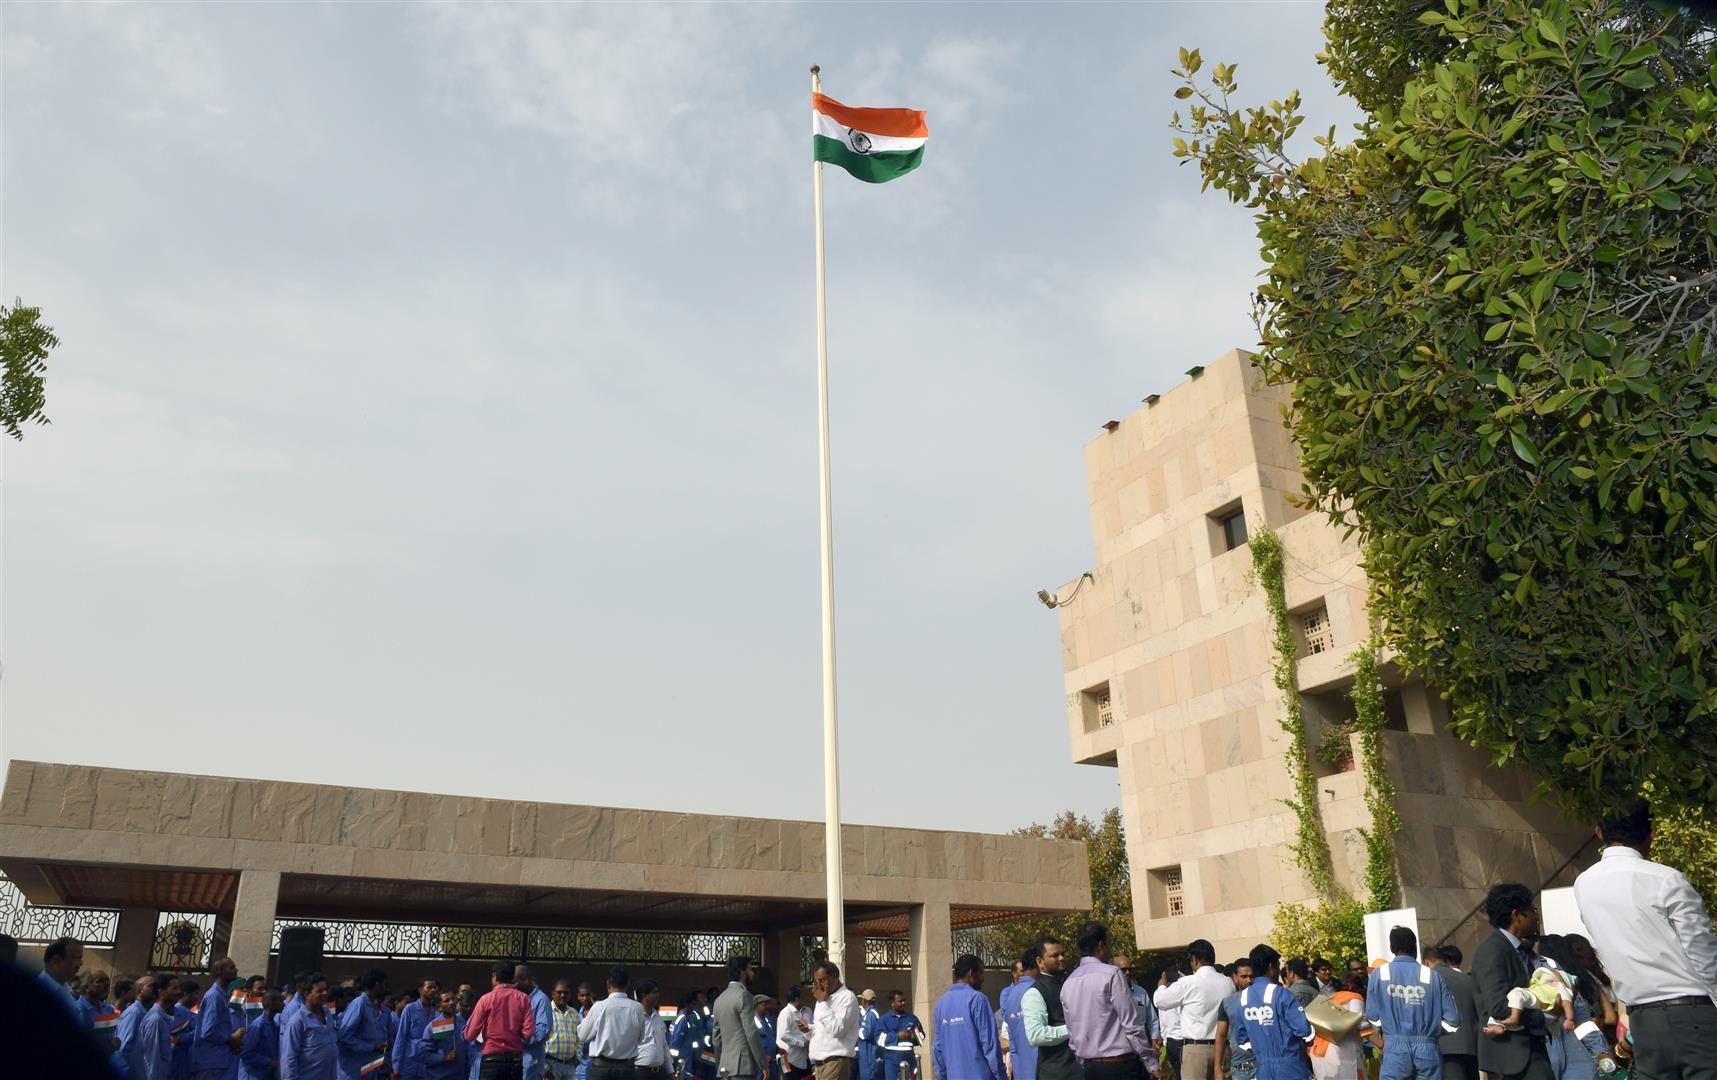 إحتفالات السفارة الهنديه بأبوظبي 15-8-2017 DSC_1129.JPG 2 /Large/